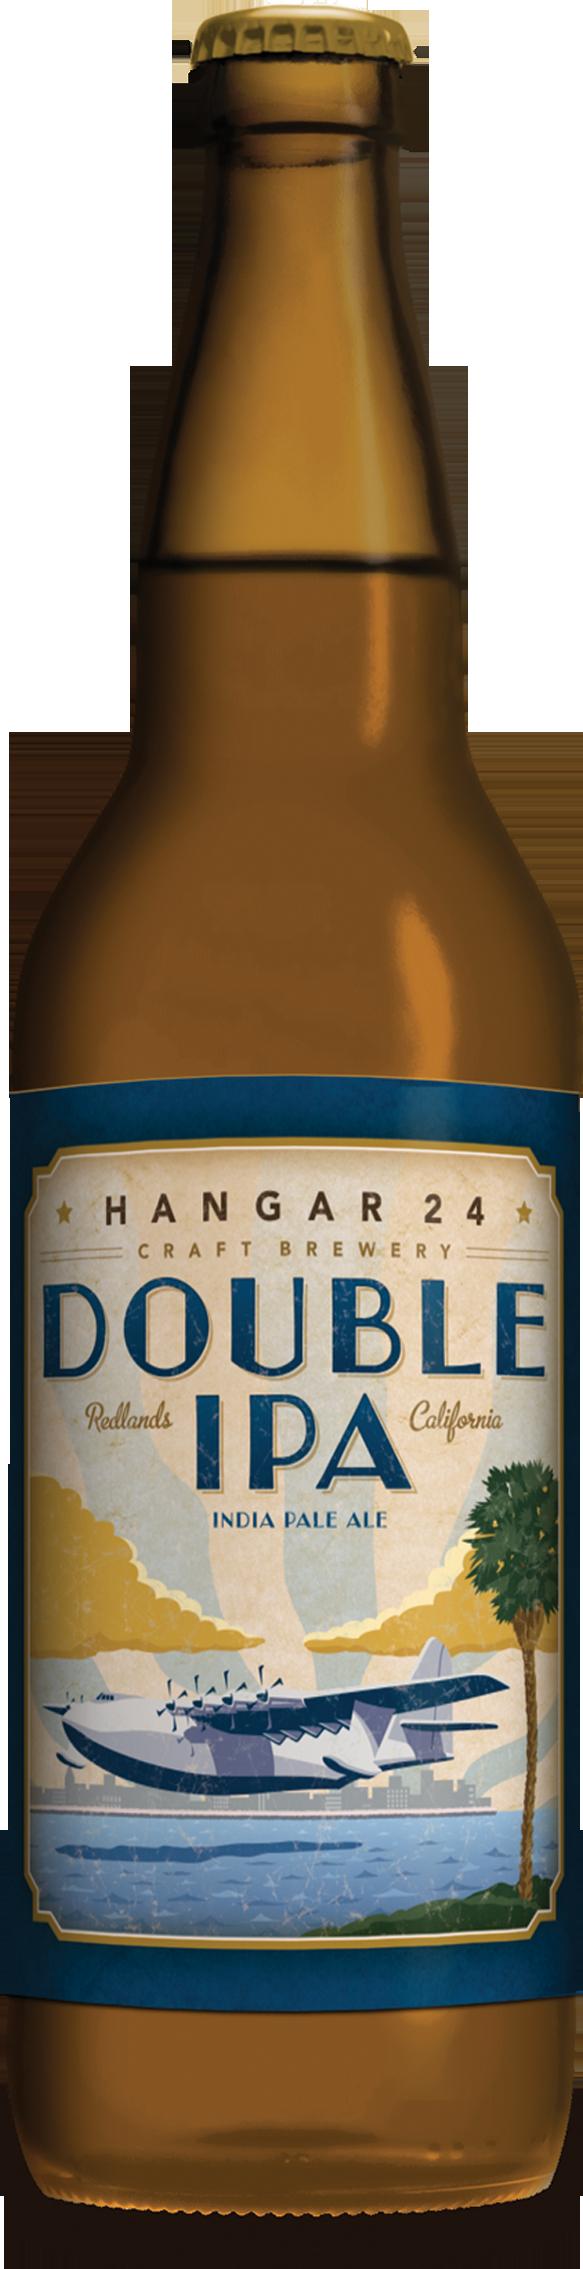 Double Ipa Bottle PNG Image